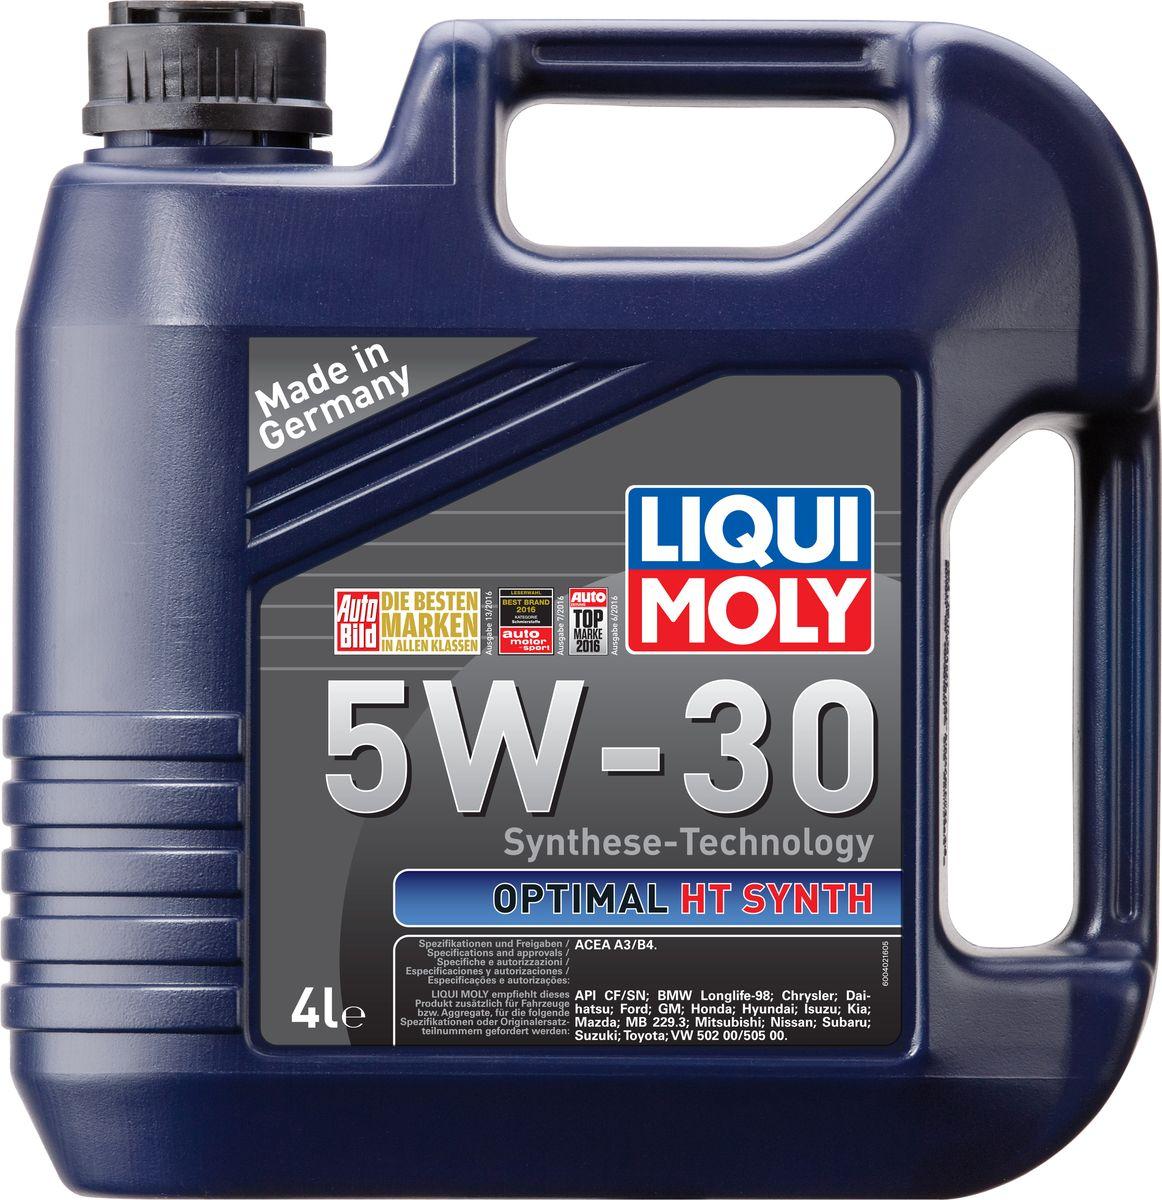 Масло моторное Liqui Moly Optimal HT Synth, НС-синтетическое, 5W-30, 4 л39001Масло моторное Liqui Moly Optimal HT Synth - универсальное моторное масло на базе гидрокрекинговой технологии синтеза (HC-синтеза). Удовлетворяет современным требованиям международных стандартов API и ACEA. Оптимально для современных моделей ВАЗ и иномарок с аналогичными требованиями. Отлично подходит двигателей с турбонаддувом и катализаторами. Масло обладает популярнейшим классом вязкости для современных автомобилей. Это современное моторное мало с хорошими антифрикционными свойствами высшего класса для всесезонного применения. Комбинация необычных базовых масел на основе гидрокрекинга и самой современной технологии присадок гарантирует получение моторного масла, которое снижает расход масла и топлива и заботится о быстрейшей смазке двигателя. Особенности: - легкий ход мотора,- высокая устойчивость смазки,- высокая стабильность,- превосходная устойчивость к старению,- быстрое снабжение маслом при низких температурах, - оптимальное давление масла при всех условиях применения,- отличная защита от износа,- отличная чистота мотора,- экономит топливо и снижает выброс вредных веществ,- долгий срок жизни мотора,- пригодно к смешиванию с аналогичными моторными маслами,- проверено на катализаторах и турбонагнетателях.Допуск:-ACEA: A3/B4Соответствие:-API: CF/SN-BMW: Longlife-98-Chrysler: Chrysler-Ford: Ford-GM: GM-MB: 229.3-VW: 502 00/505 00-Daihatsu: Daihatsu-Honda: Honda-Hyundai: Hyundai-Kia: Kia-Isuzu: Isuzu-Mazda: Mazda-Mitsubishi: Mitsubishi-Nissan: Nissan-Suzuki: Suzuki-Toyota: Toyota-Subaru: Subaru